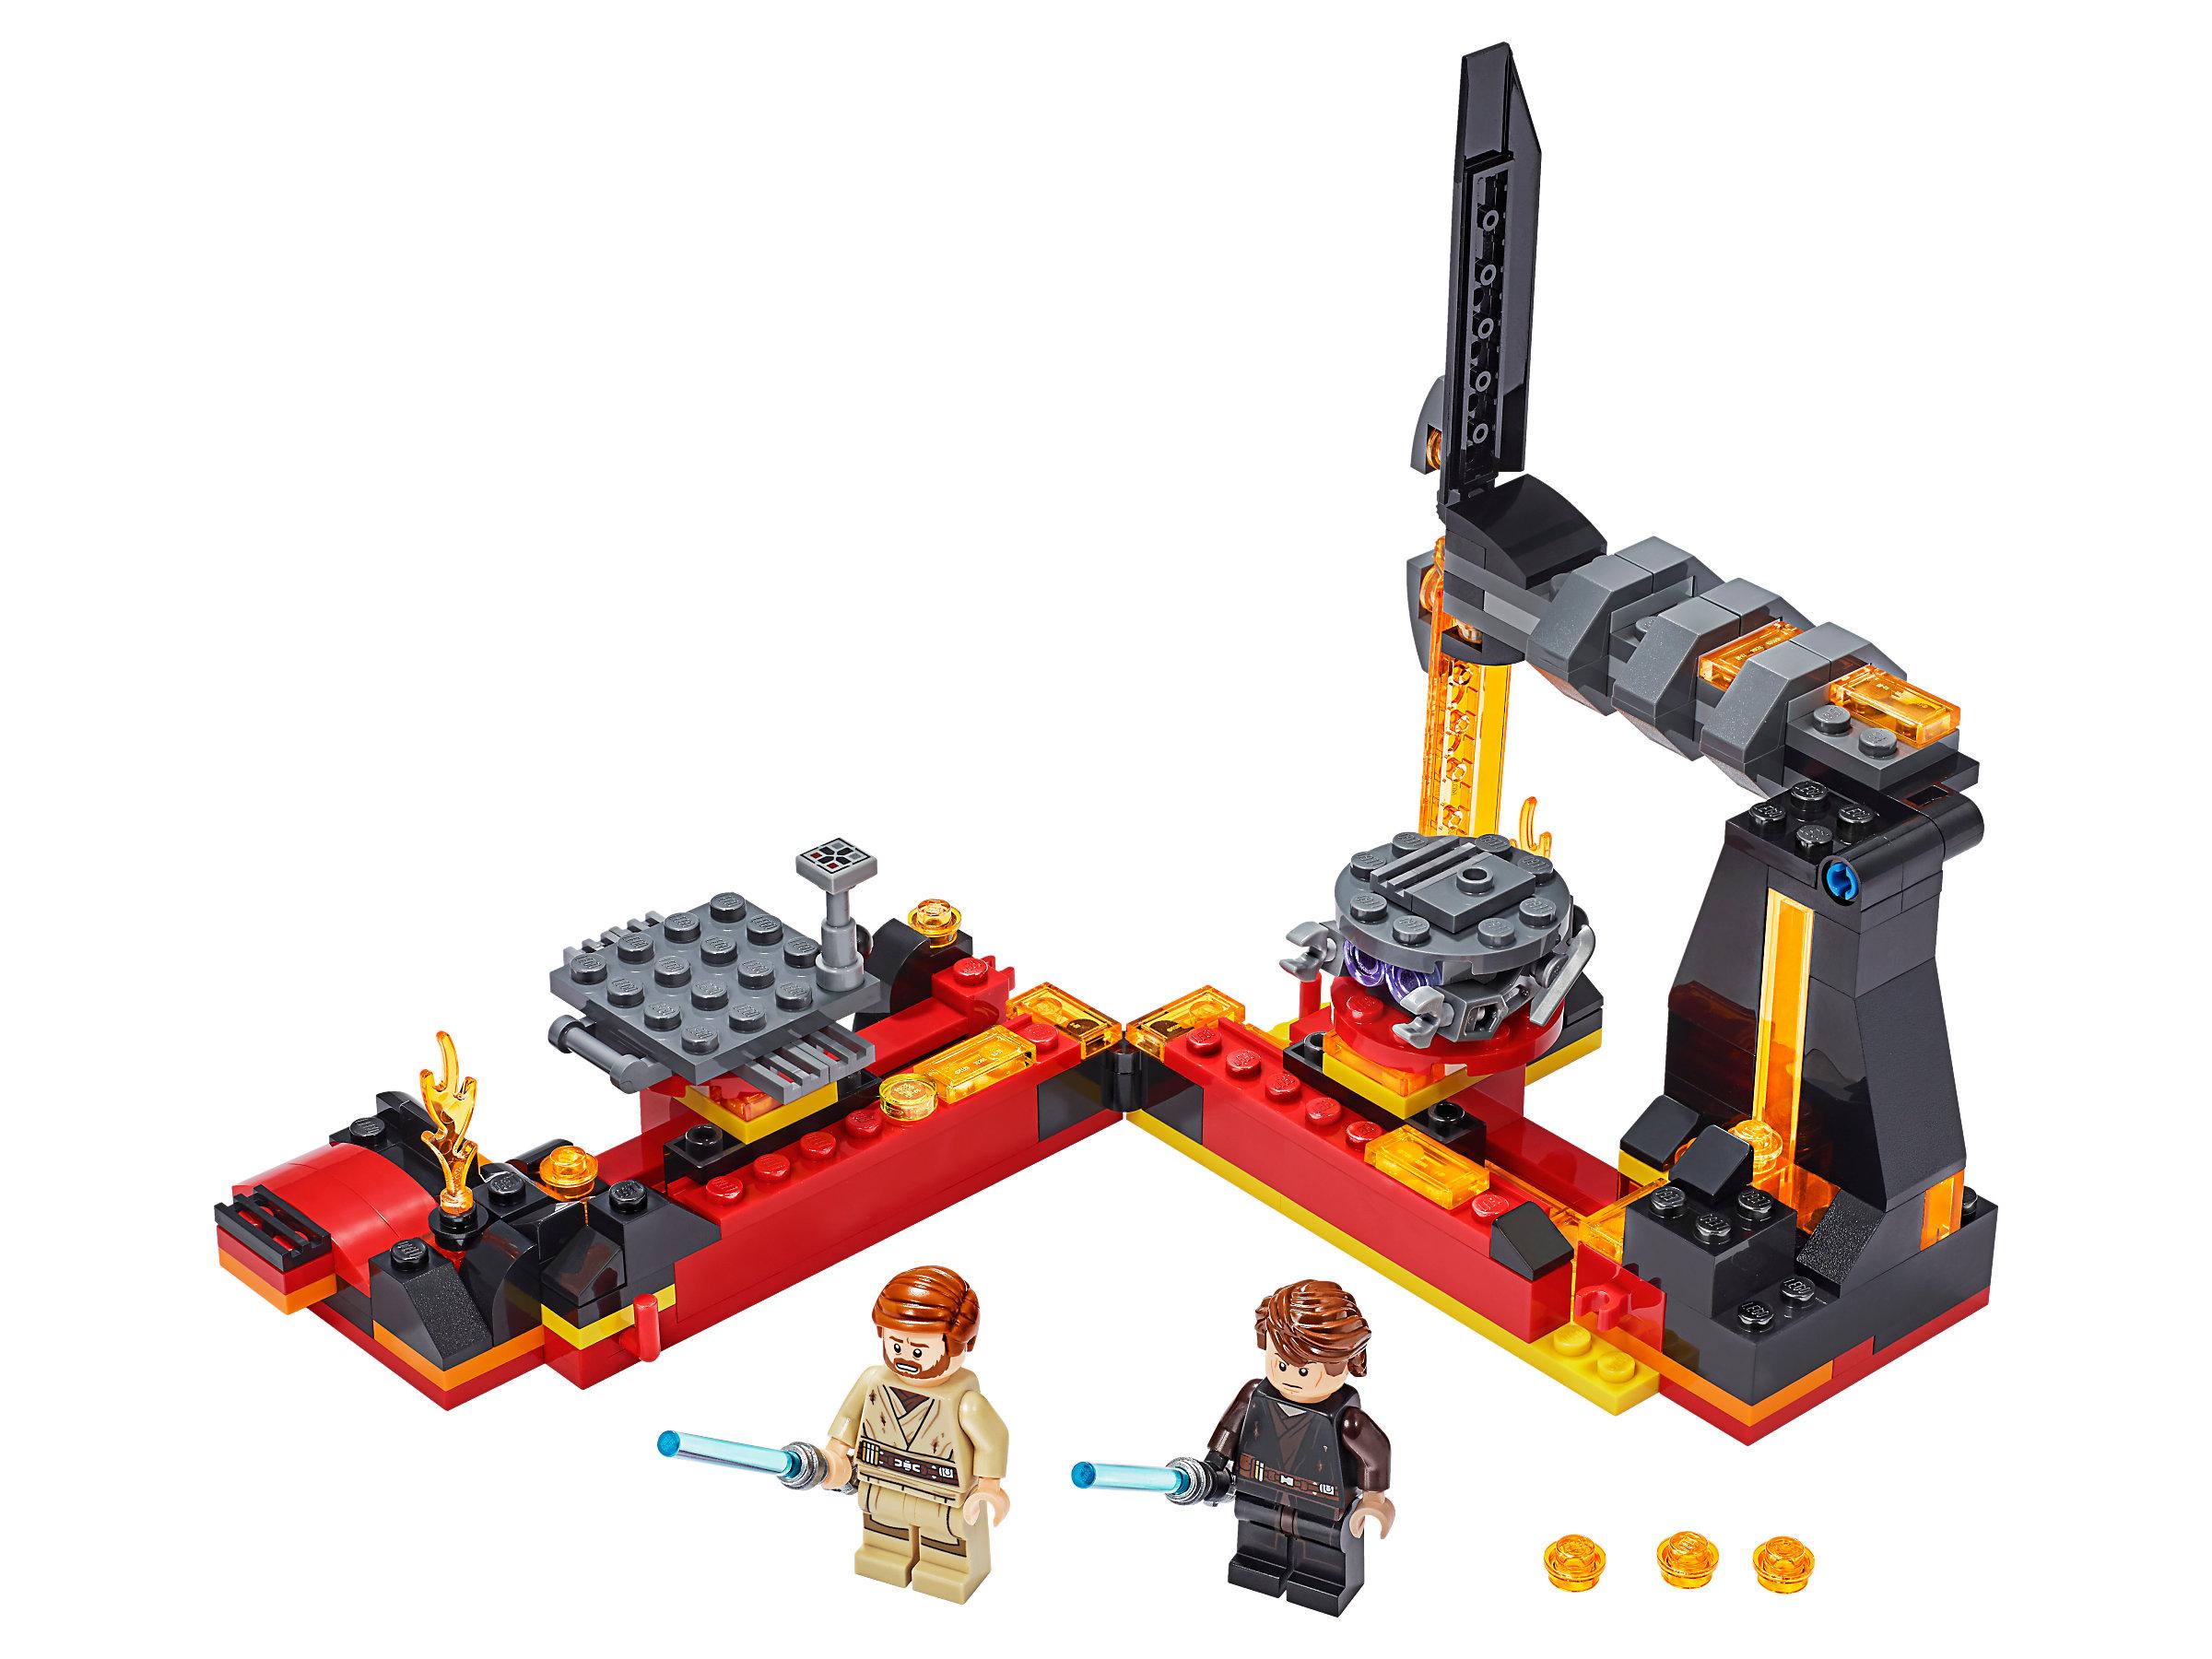 Star Wars Obi-Wan Kenobi/'s Lightsaber from Revenge of the Sith made using LEGO